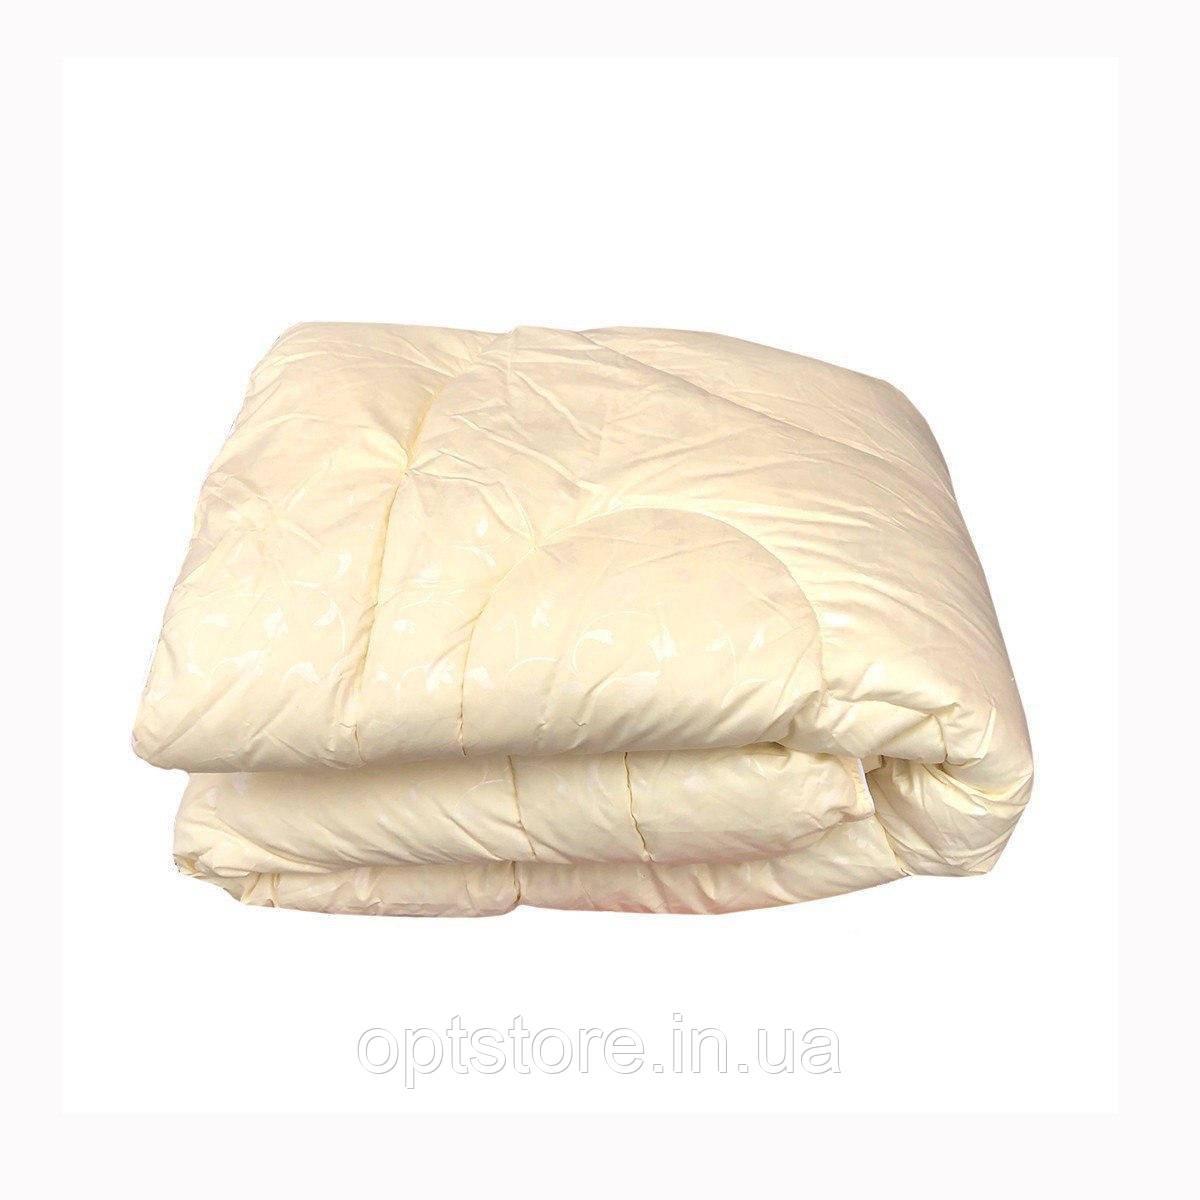 Ковдра євро штучний лебединий пух Downfill 200/220,тканина тік